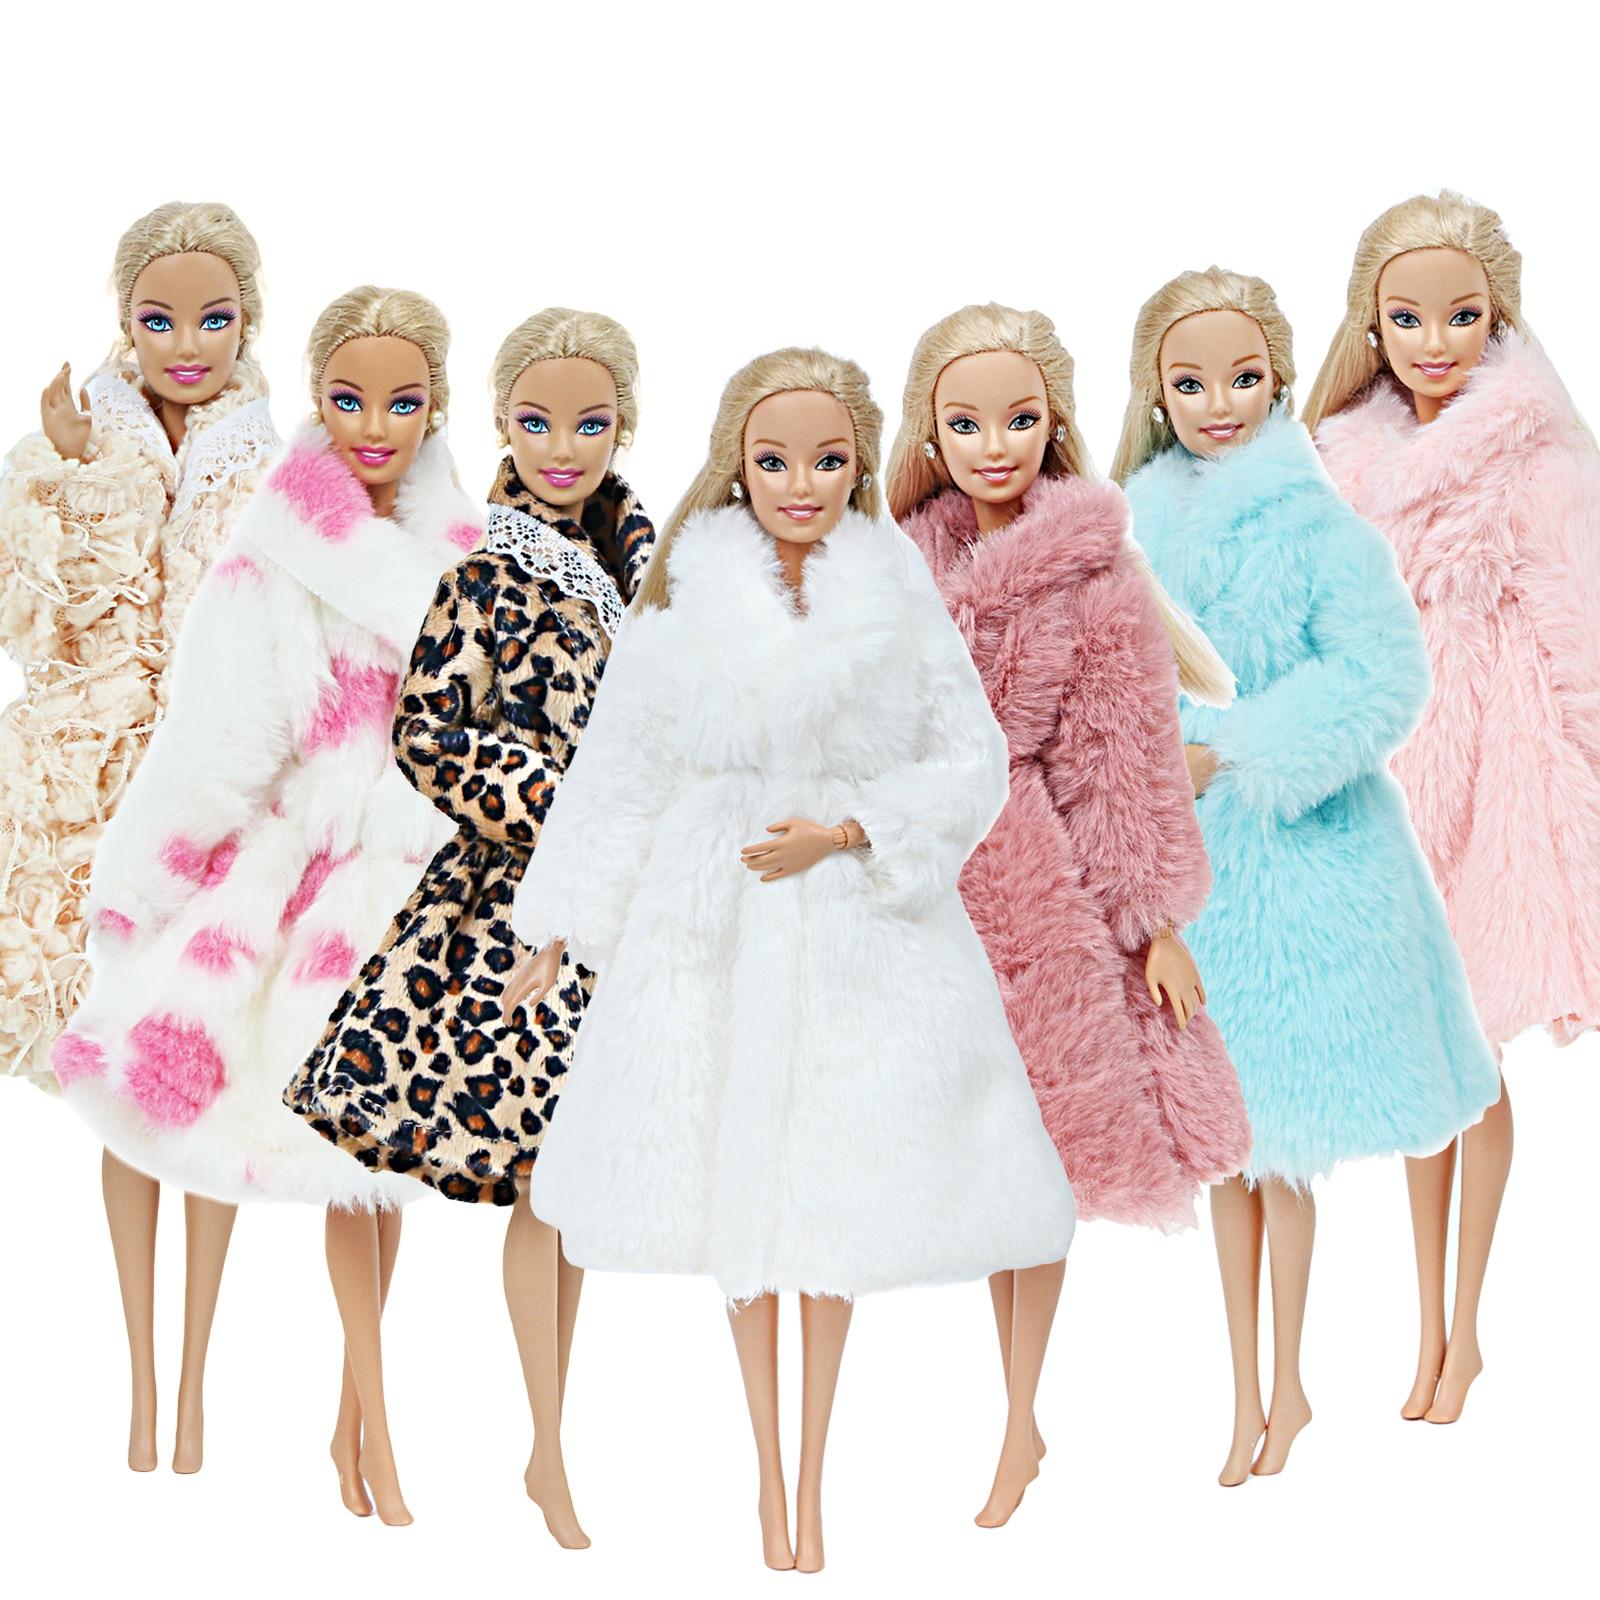 1 шт., ручная работа, высококачественное Кукольное пальто, платье, мех для куклы Барби, зимняя одежда, одежда леопардовой расцветки, аксессуары для куклы, детская игрушка-кукла 12 дюймов